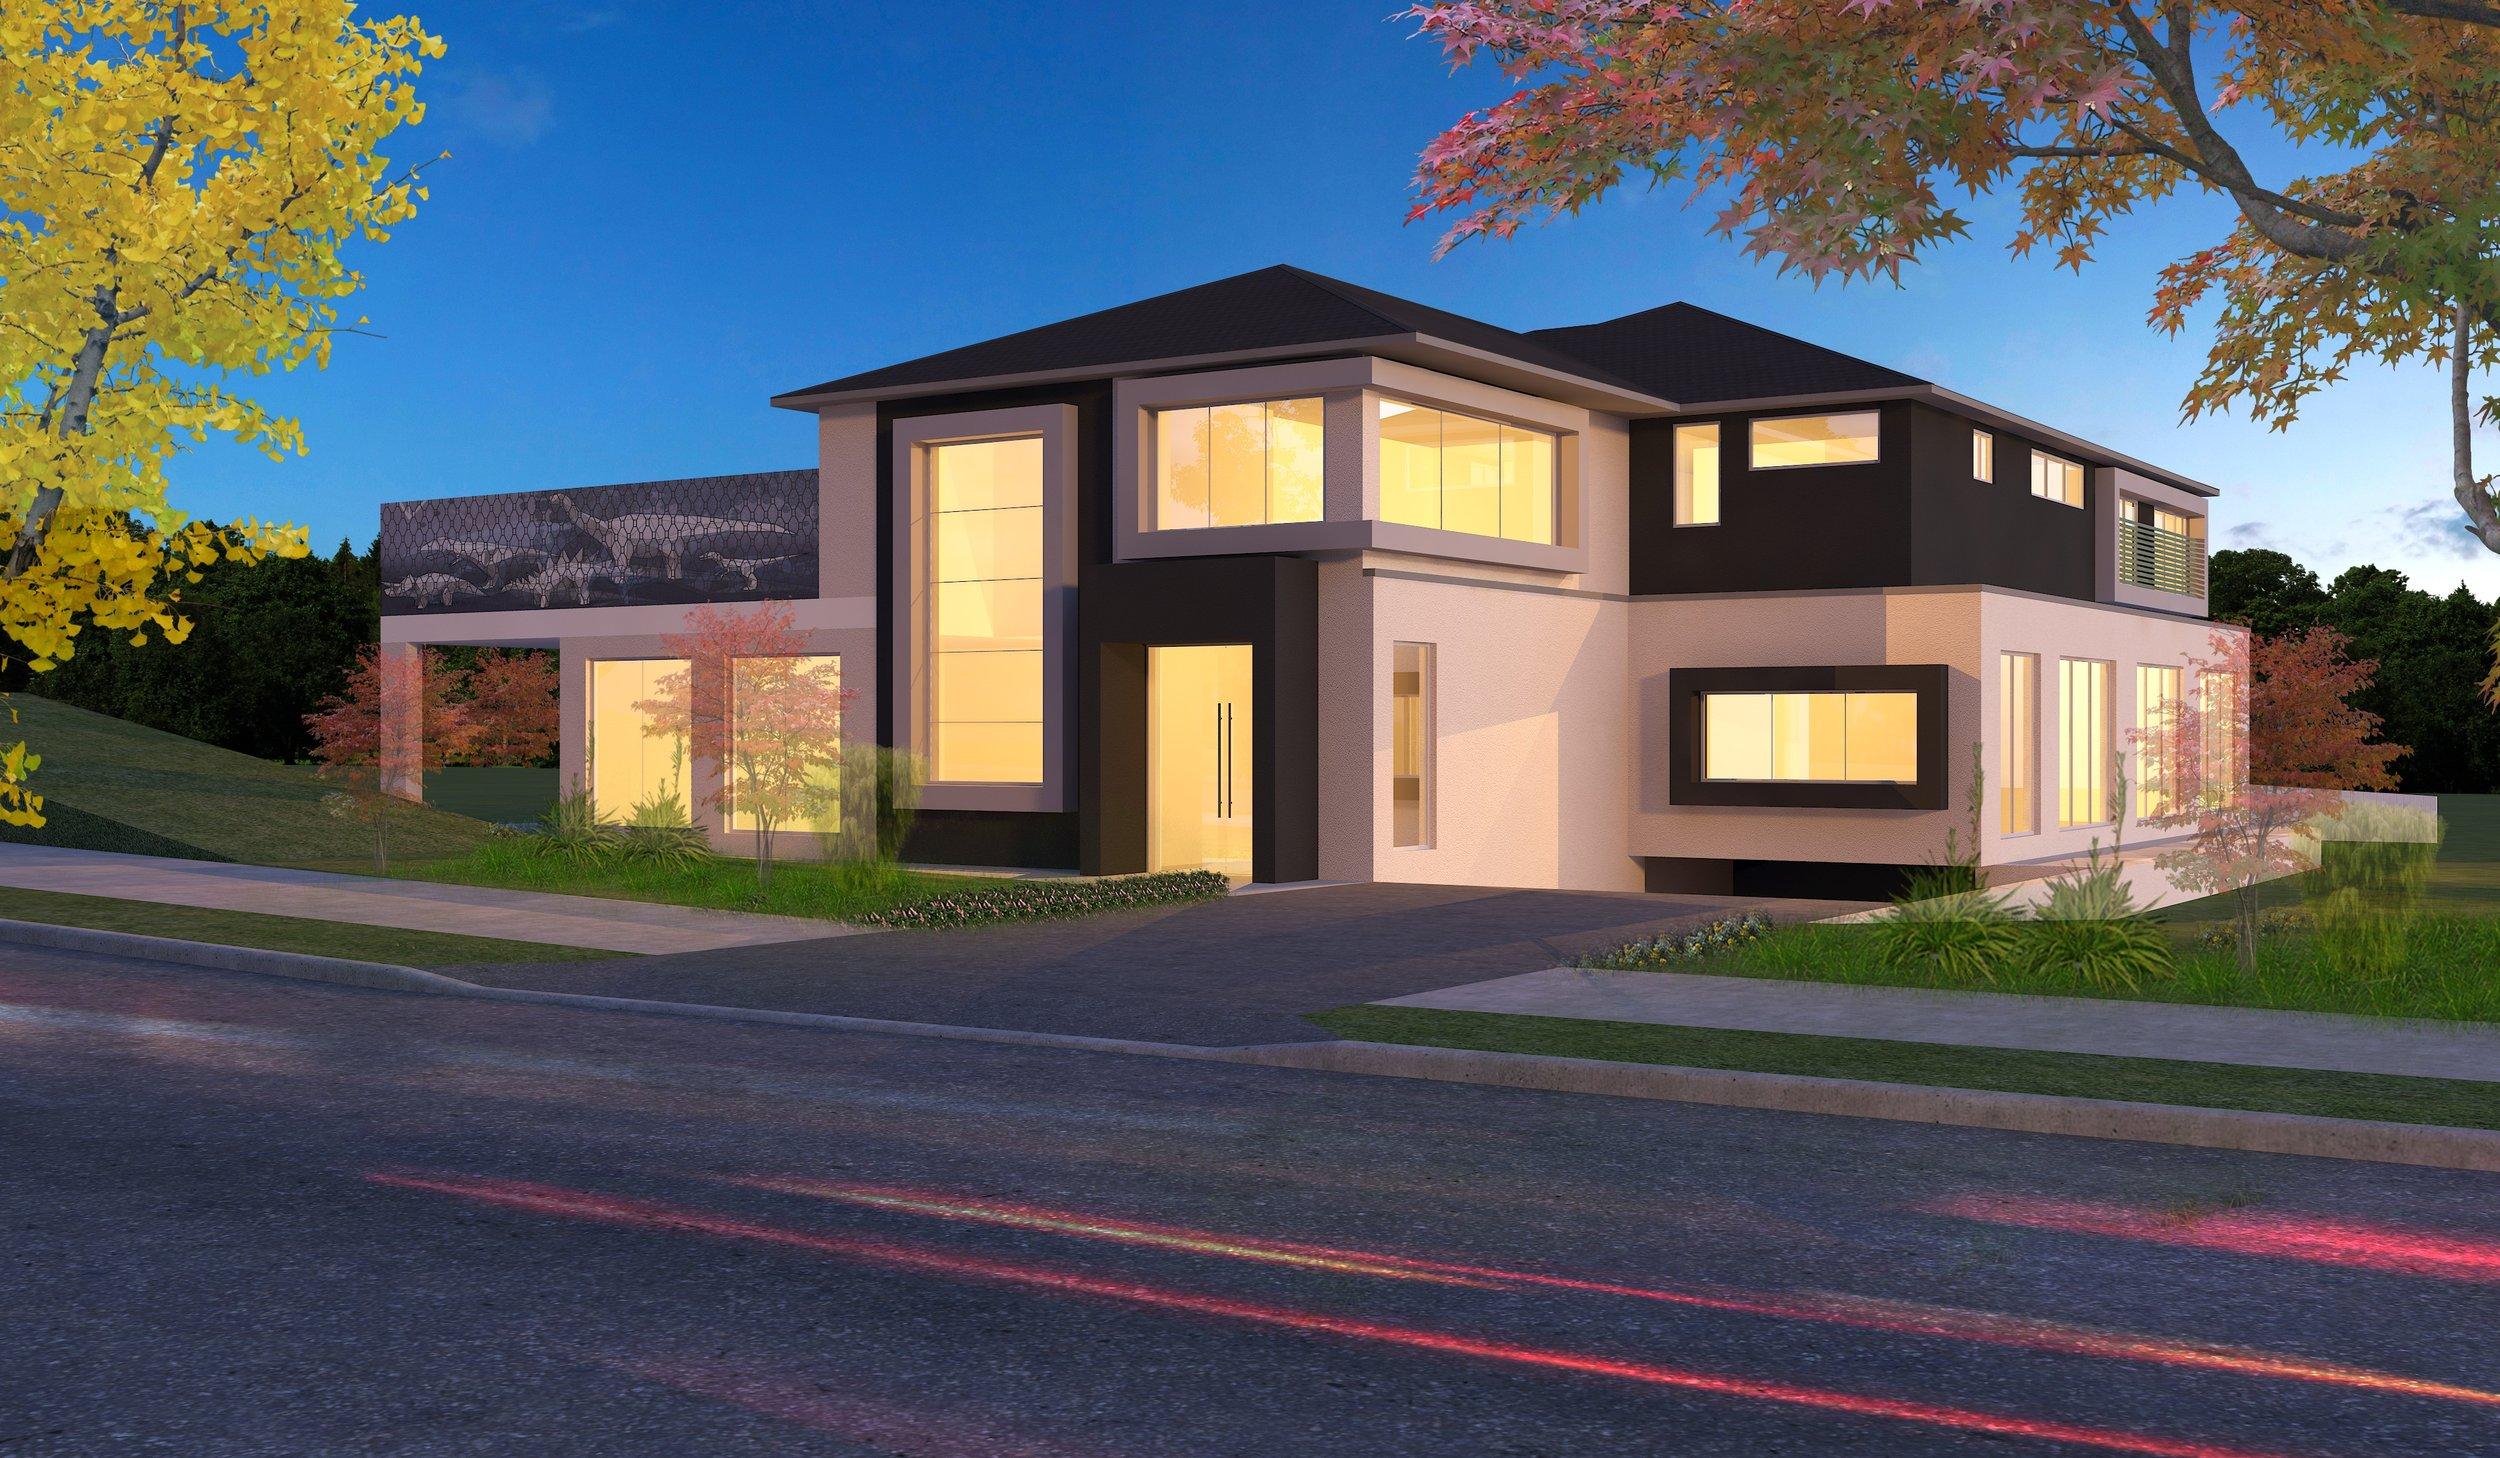 6 - Render of property.jpg